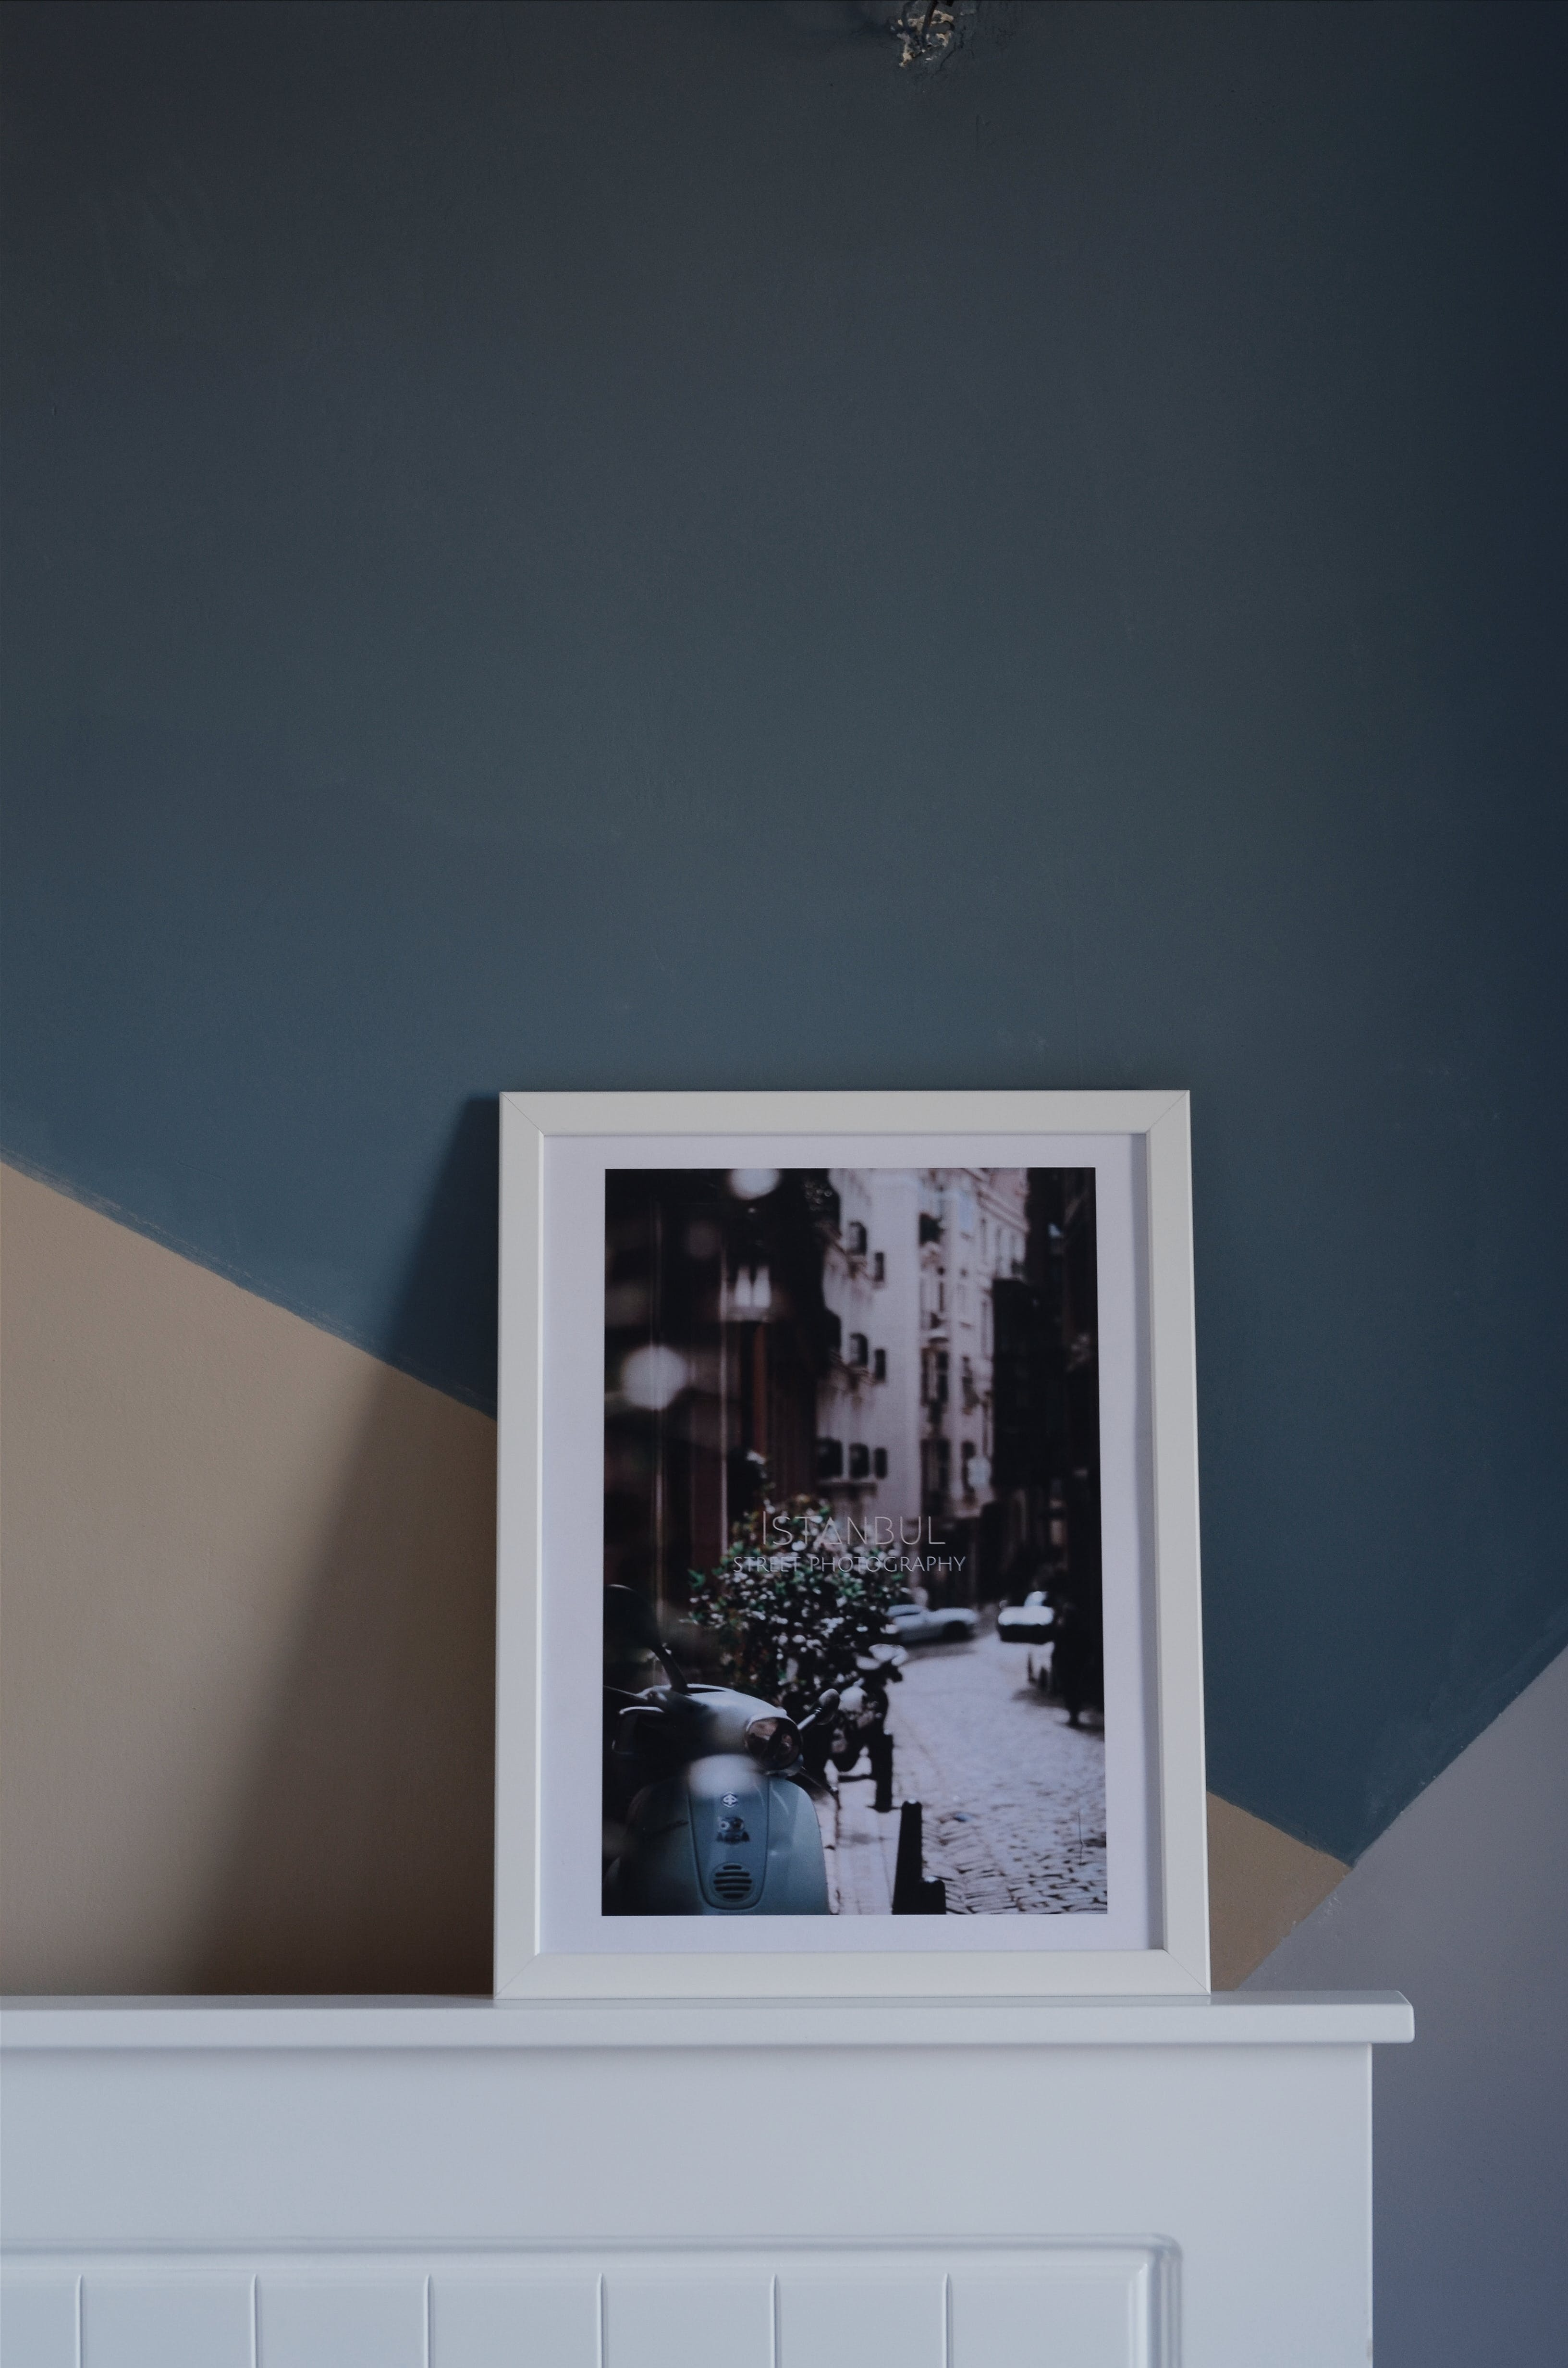 Ilmainen kuvapankkikuva tunnisteilla huone, kehys, matkustaa, muuri